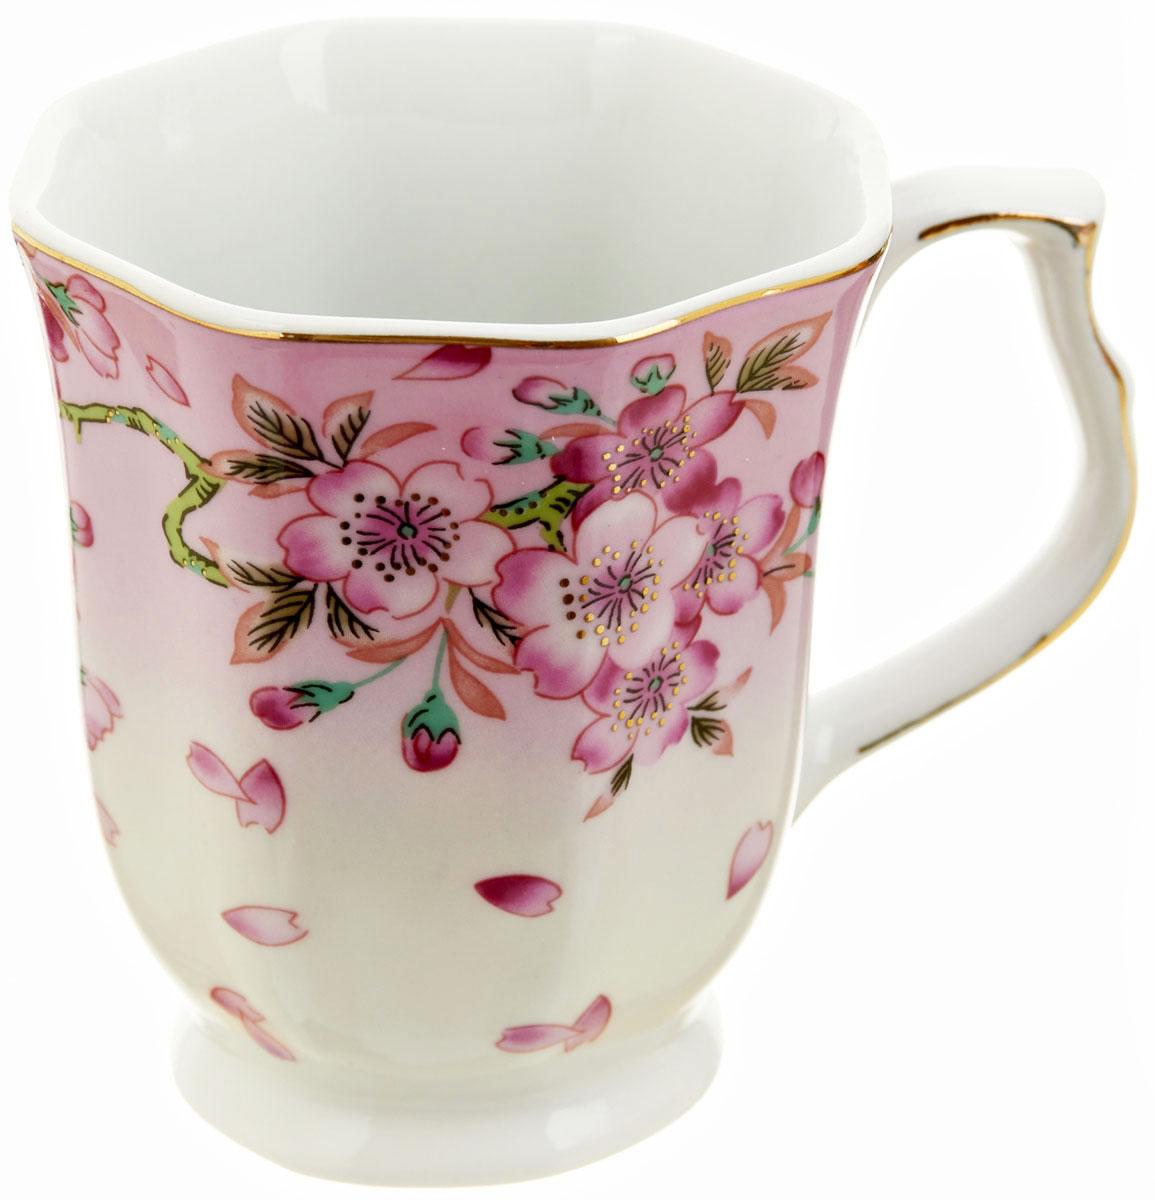 Кружка BHP Яблоневый цвет, 350 мл54 009312Оригинальная кружка Best Home Porcelain, выполненная из высококачественного фарфора, сочетает в себе простой, утонченный дизайн с максимальной функциональностью. Можно использовать в посудомоечной машине.